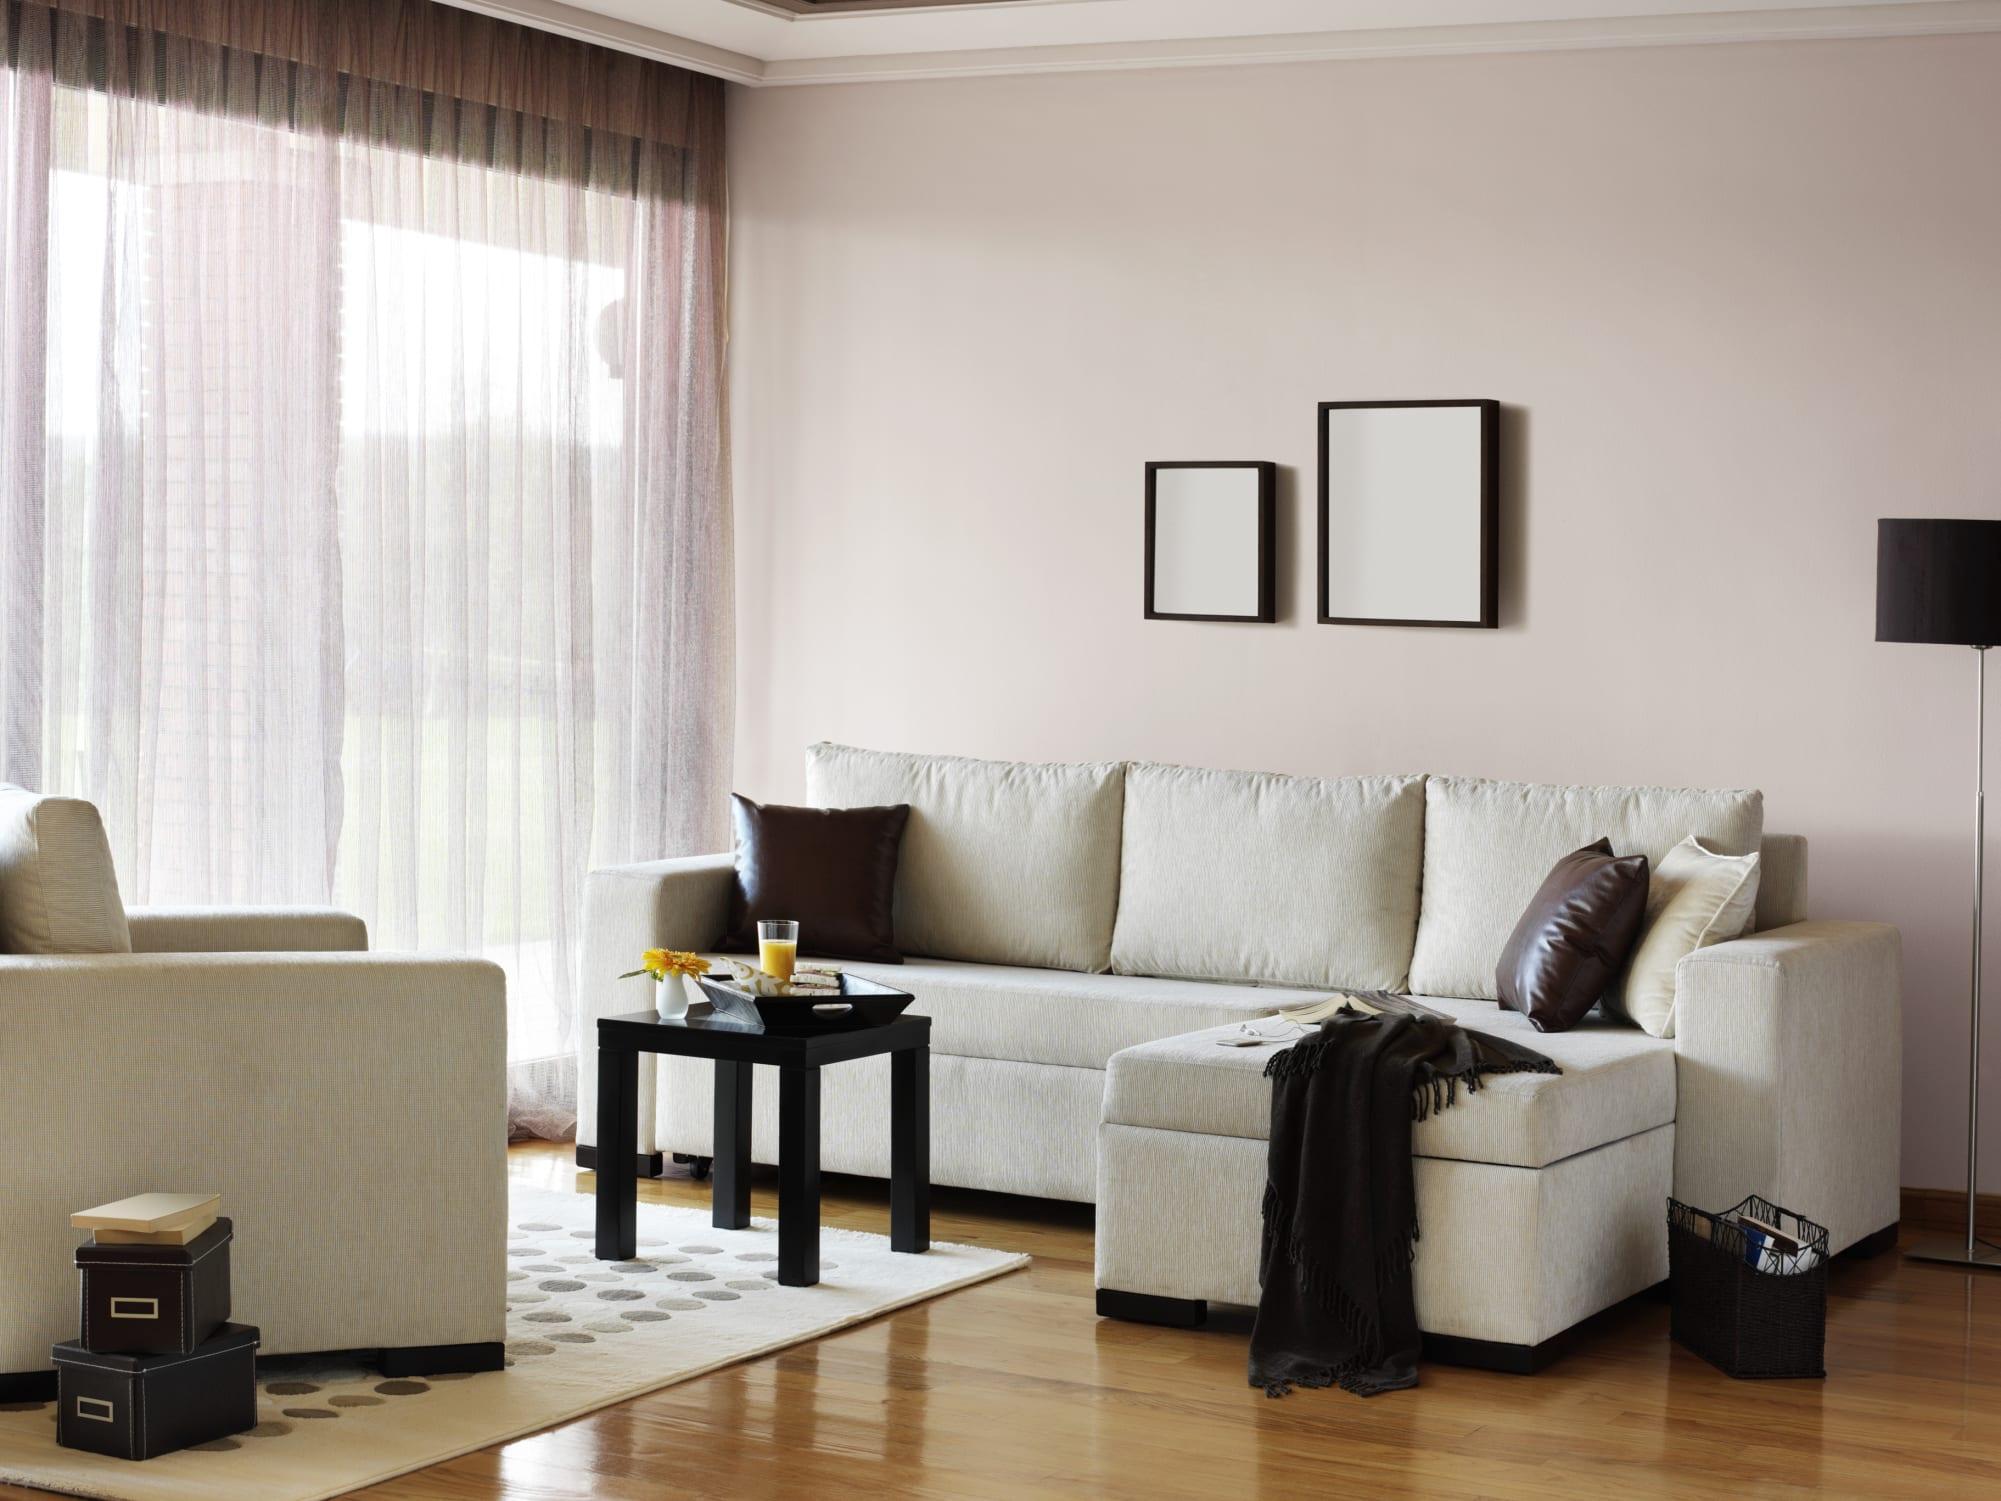 Consejos tiles para decorar tu nuevo hogar for Adornos de decoracion para el hogar